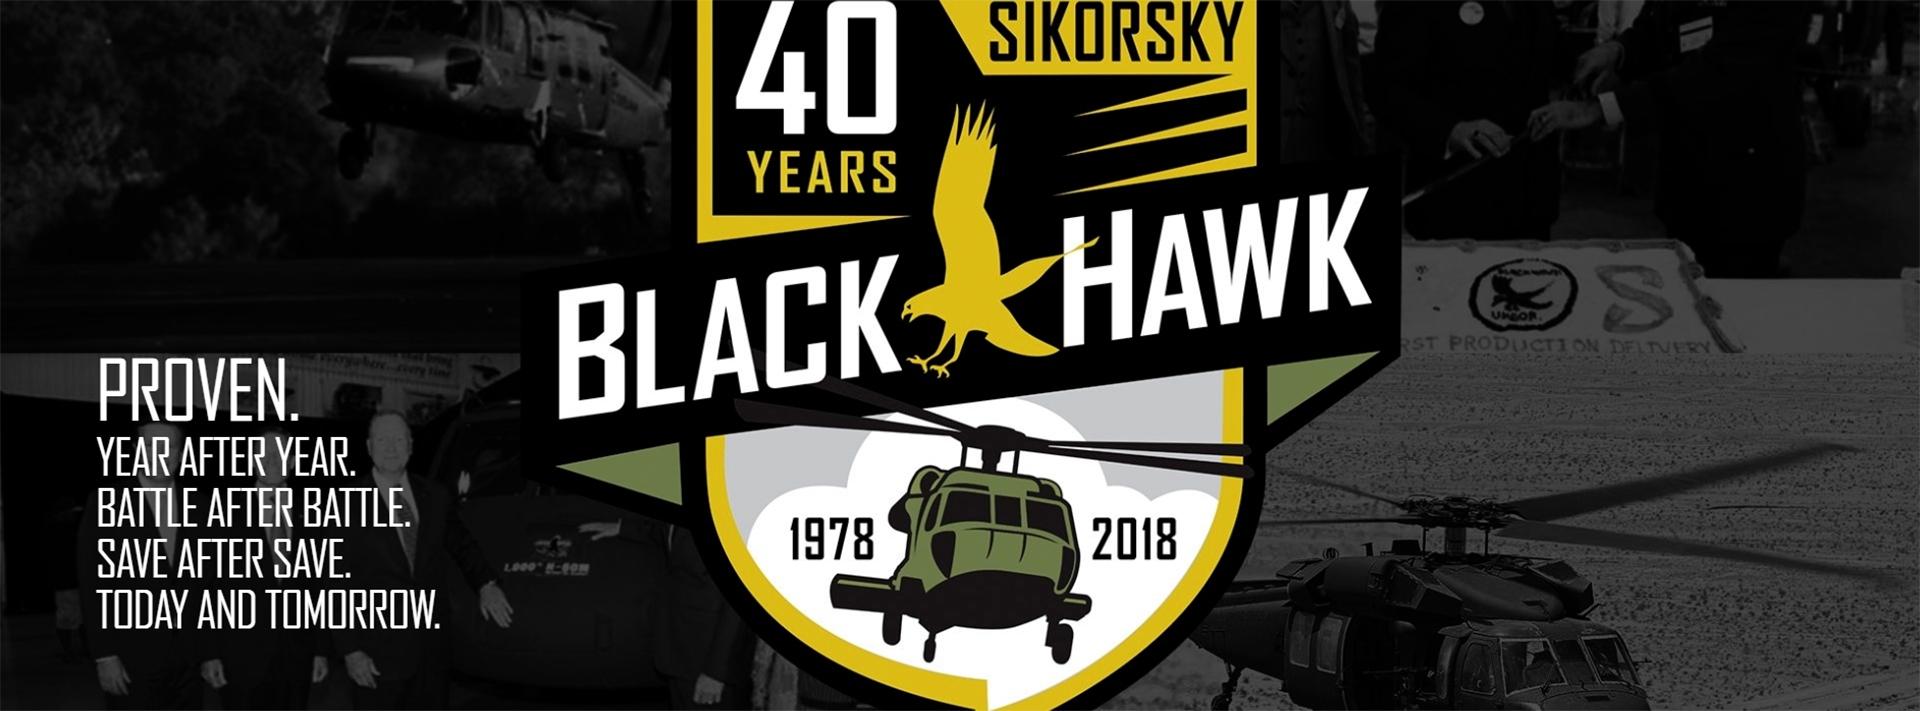 Sikorsky is celebrating 40 years of the Black Hawk in 2018. (Sikorsky)